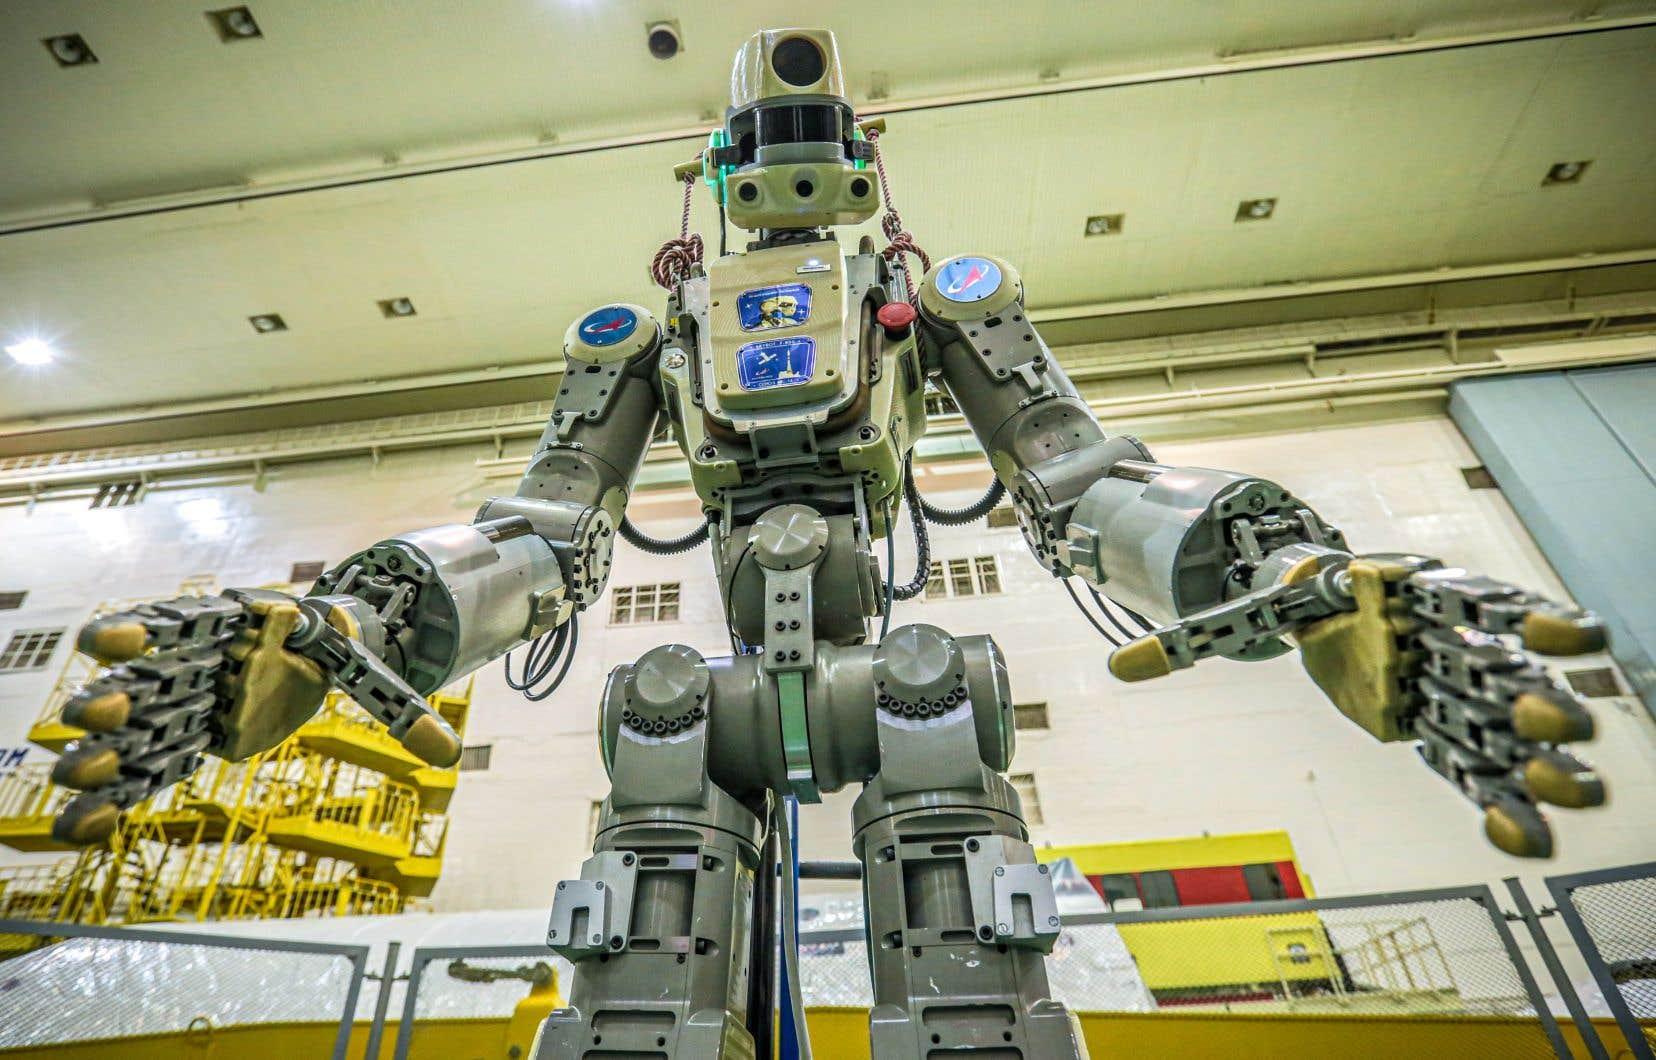 Fedor, unrobot au corps anthropomorphe argenté, mesure 1,80m de haut et pèse 160kg.